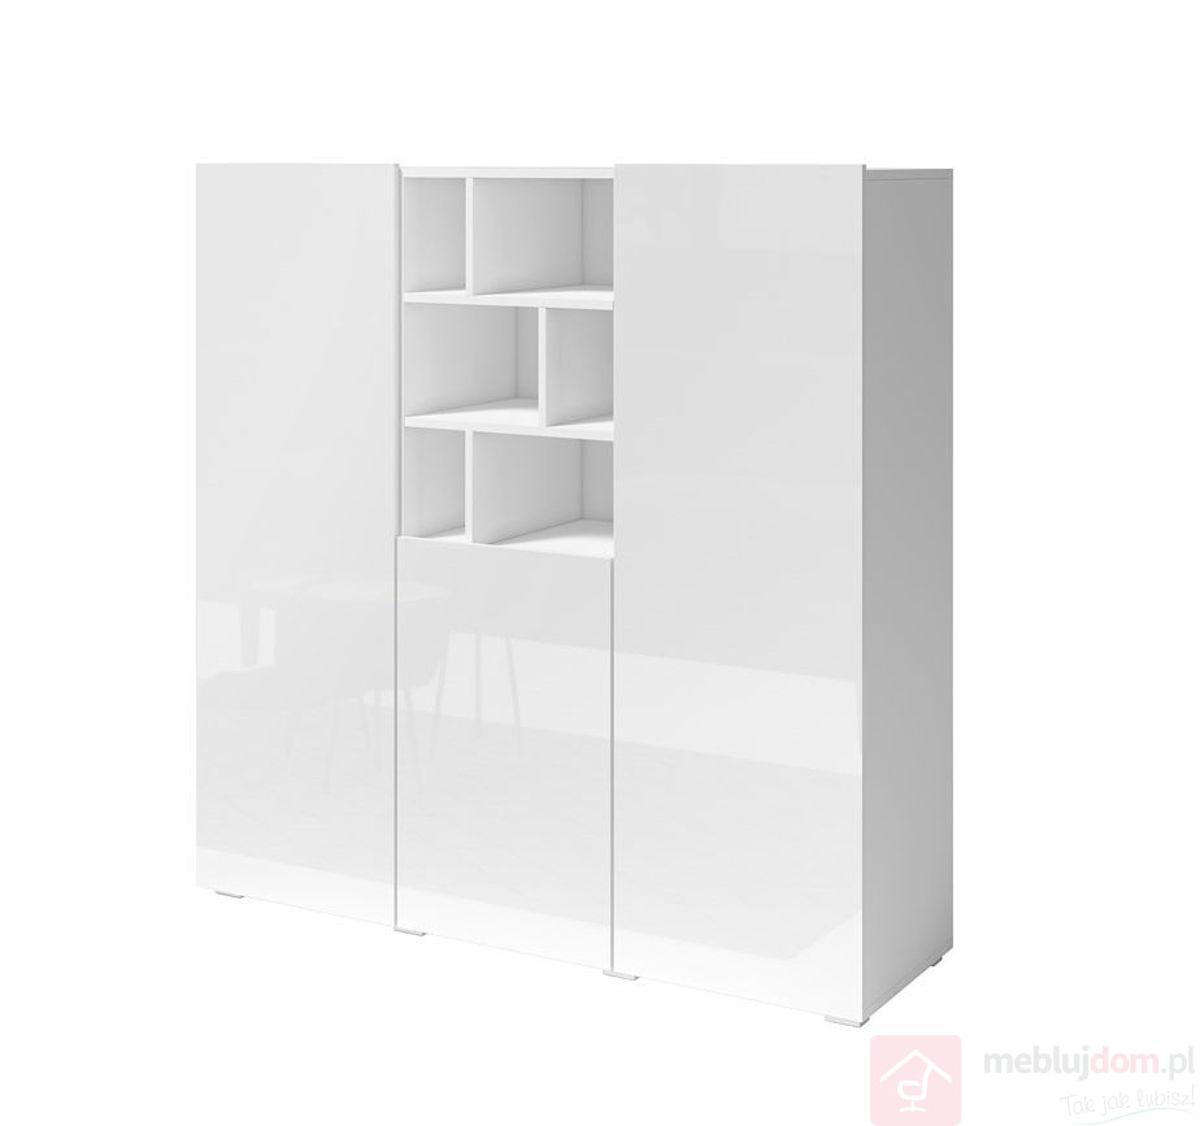 Wysoka komoda AKSEL 46 biała